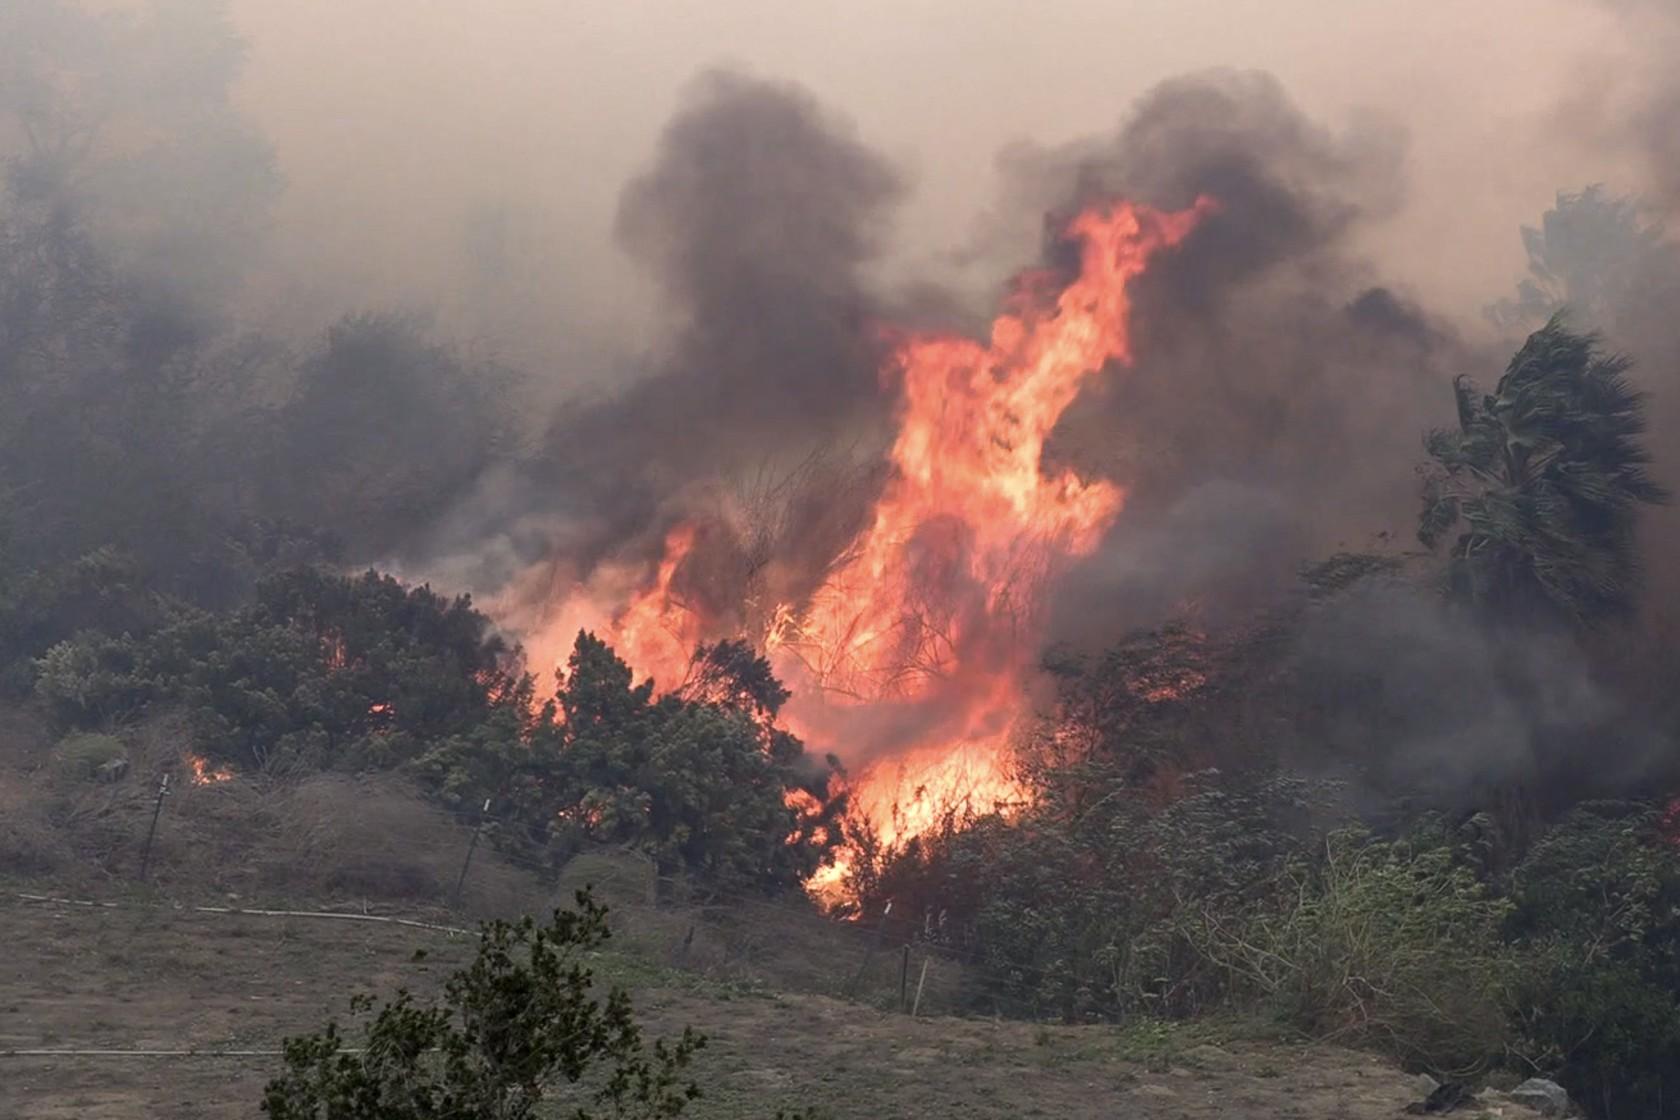 Десятки тисяч сімей змушені покинути домівки через лісові пожежі у США: опубліковані жахливі фото - фото 3